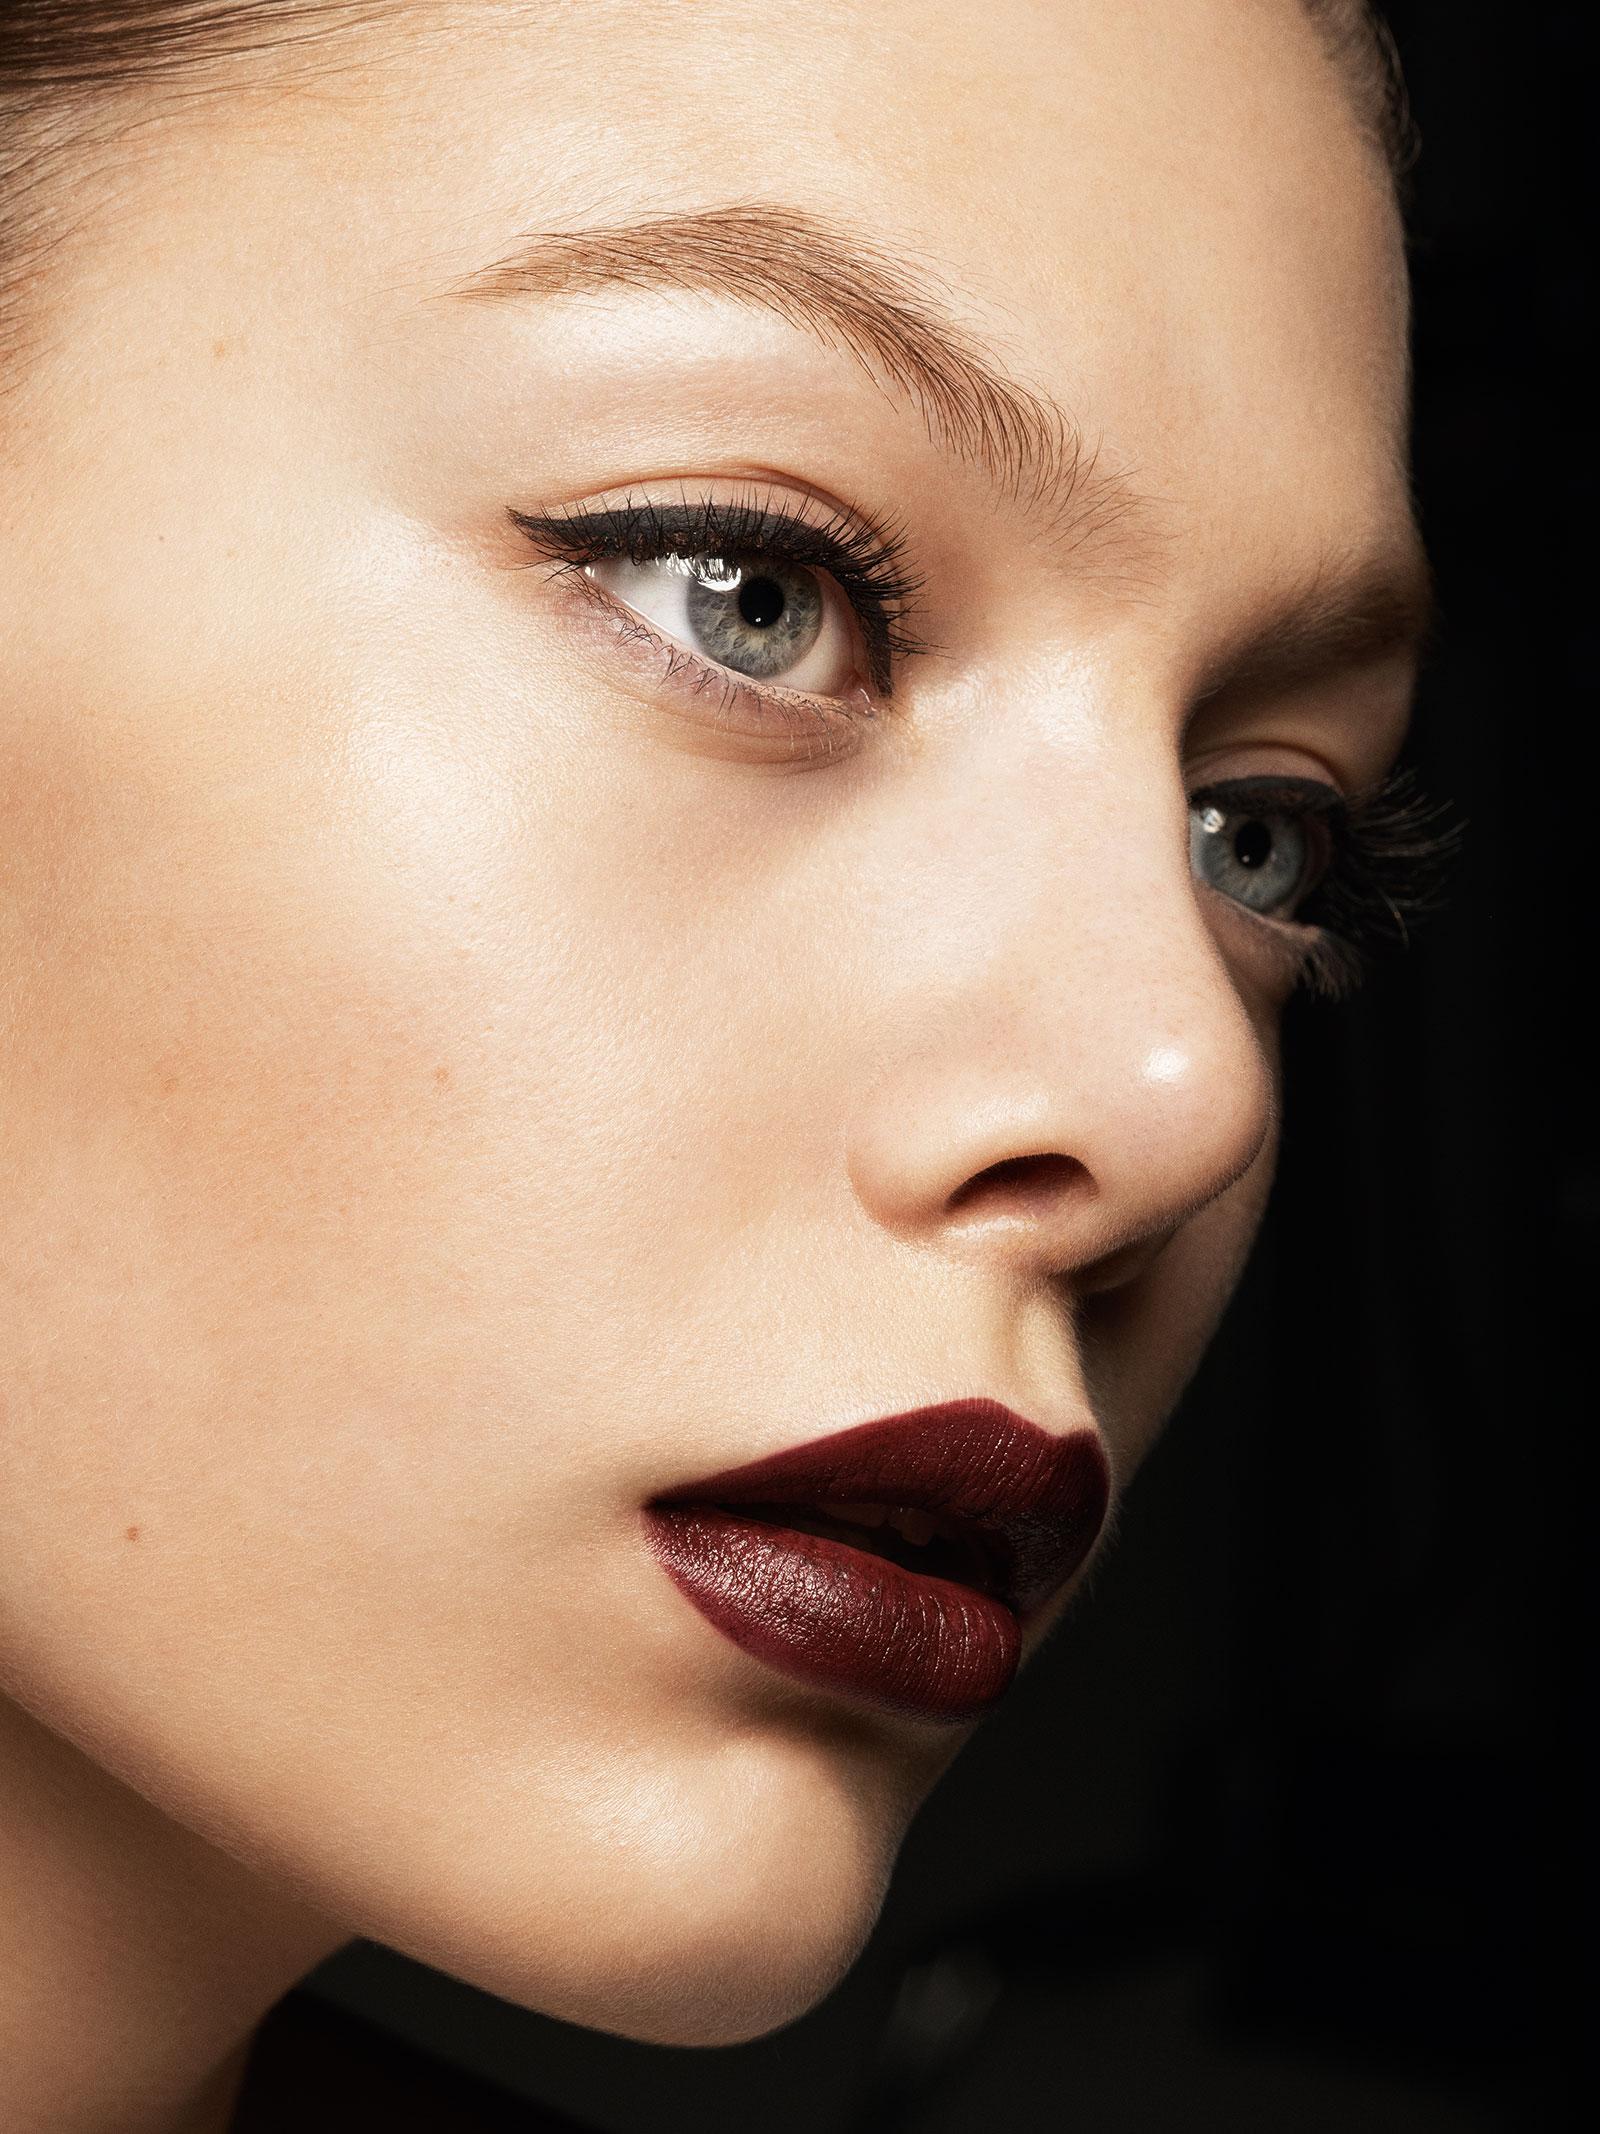 Victoria Beckham x Estee lauder Paris look (2)